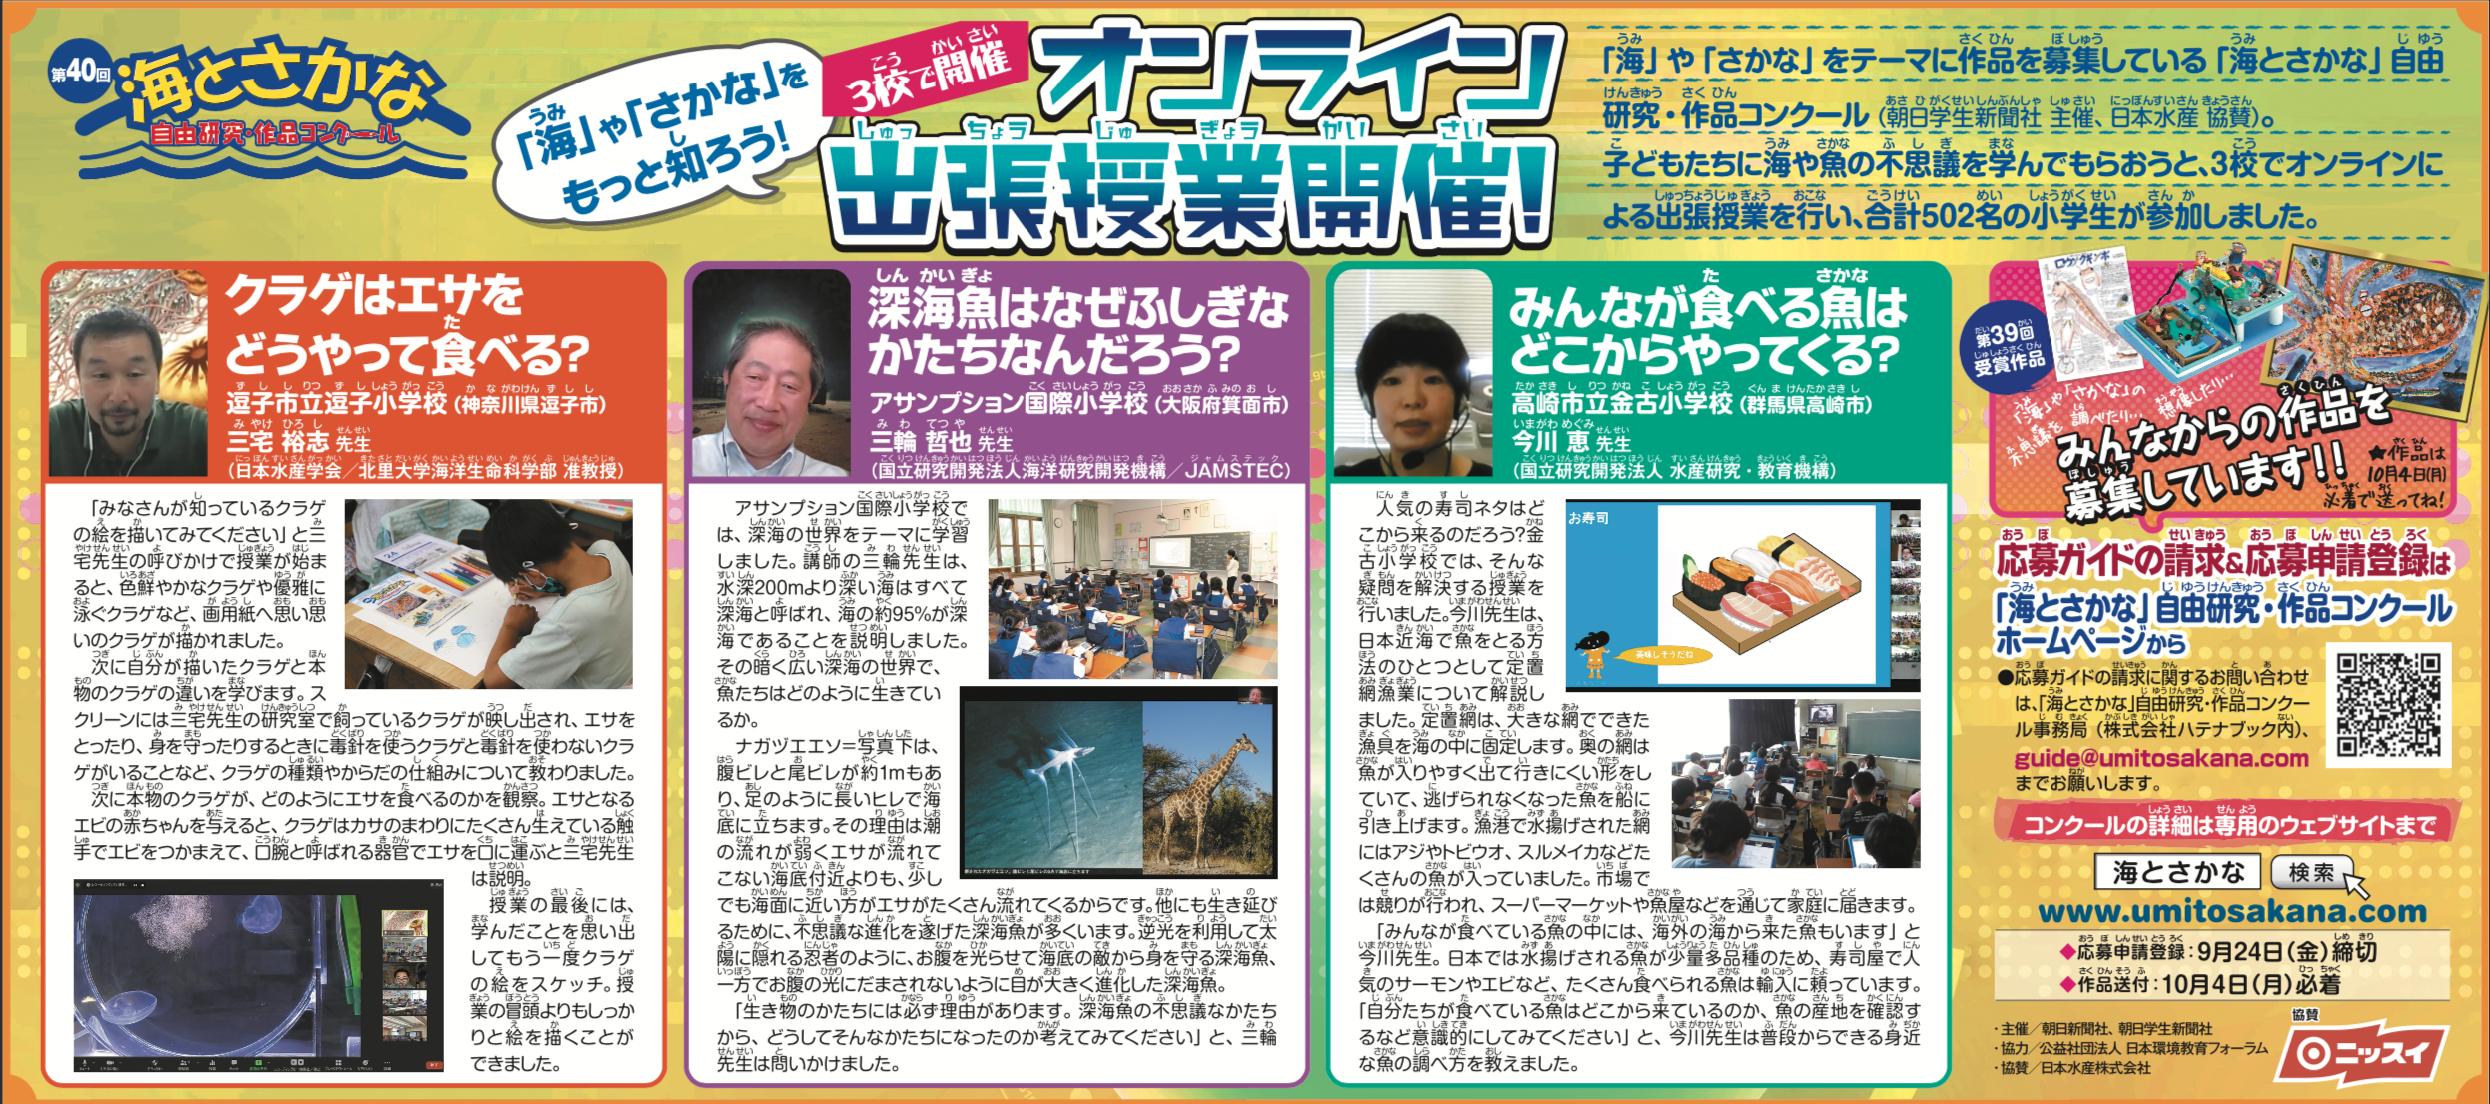 「海」や「さかな」をもっと知ろう!<br>オンライン出張授業開催!